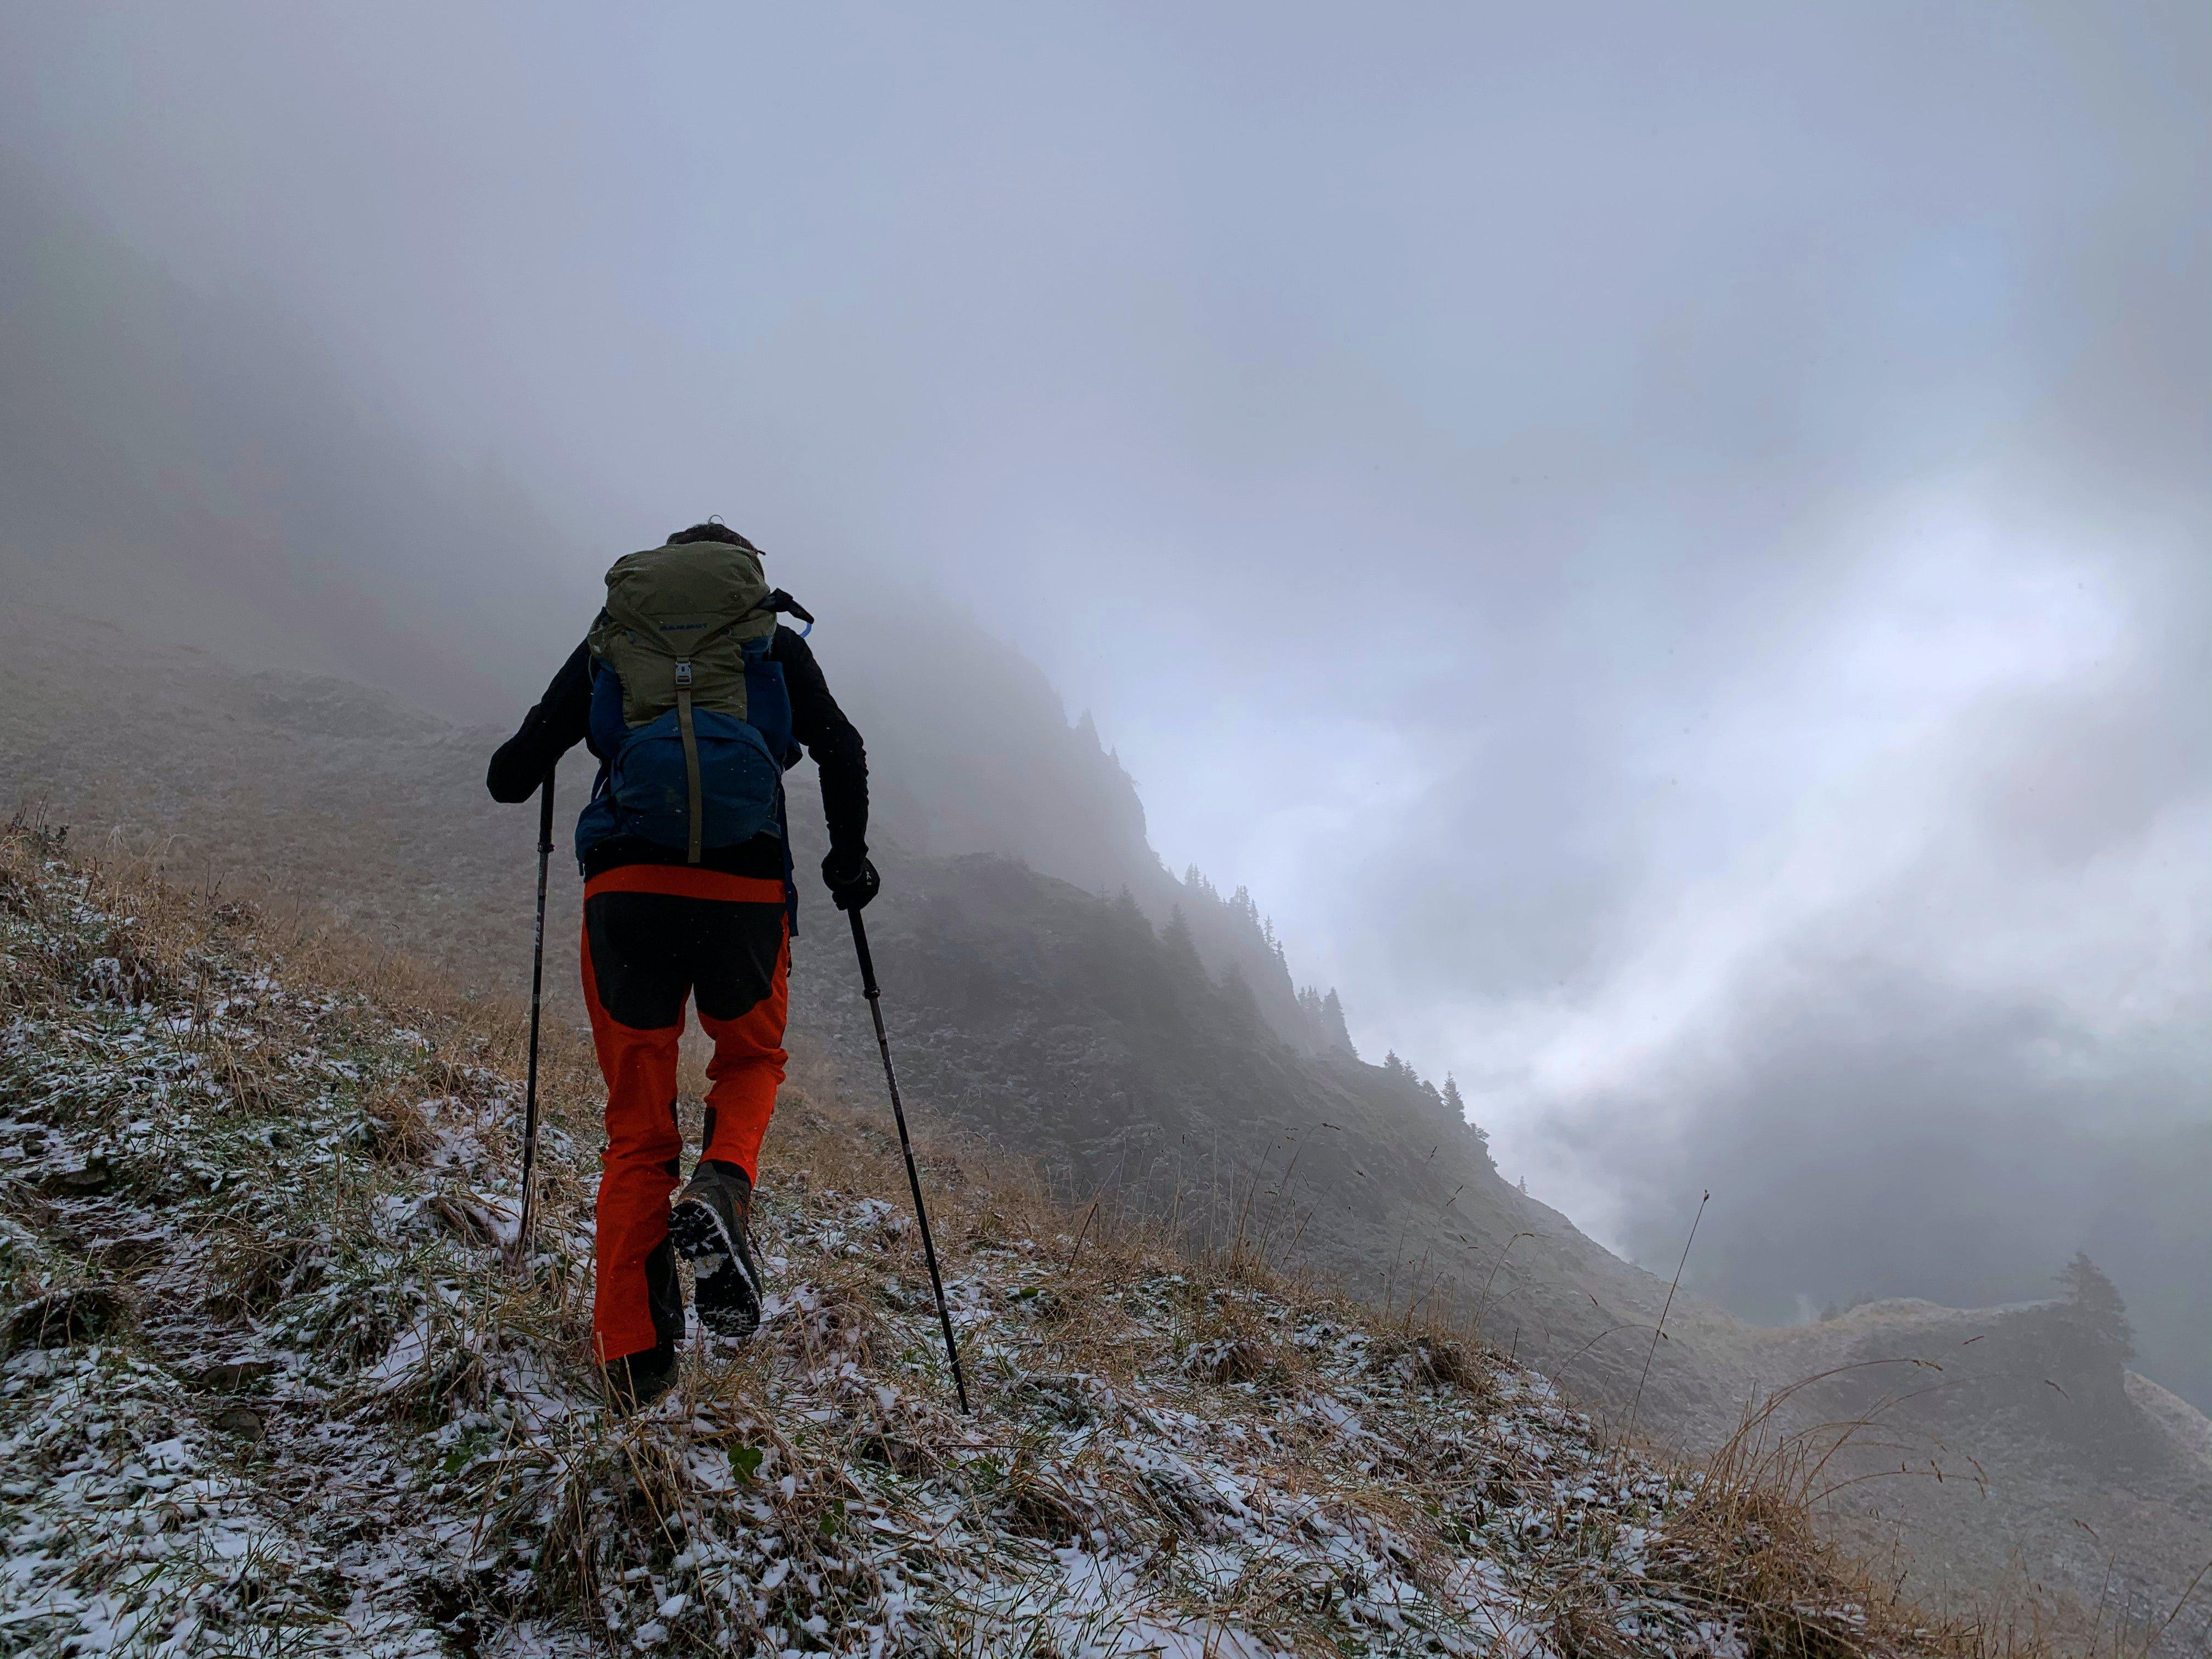 Walking Poles In The Mist